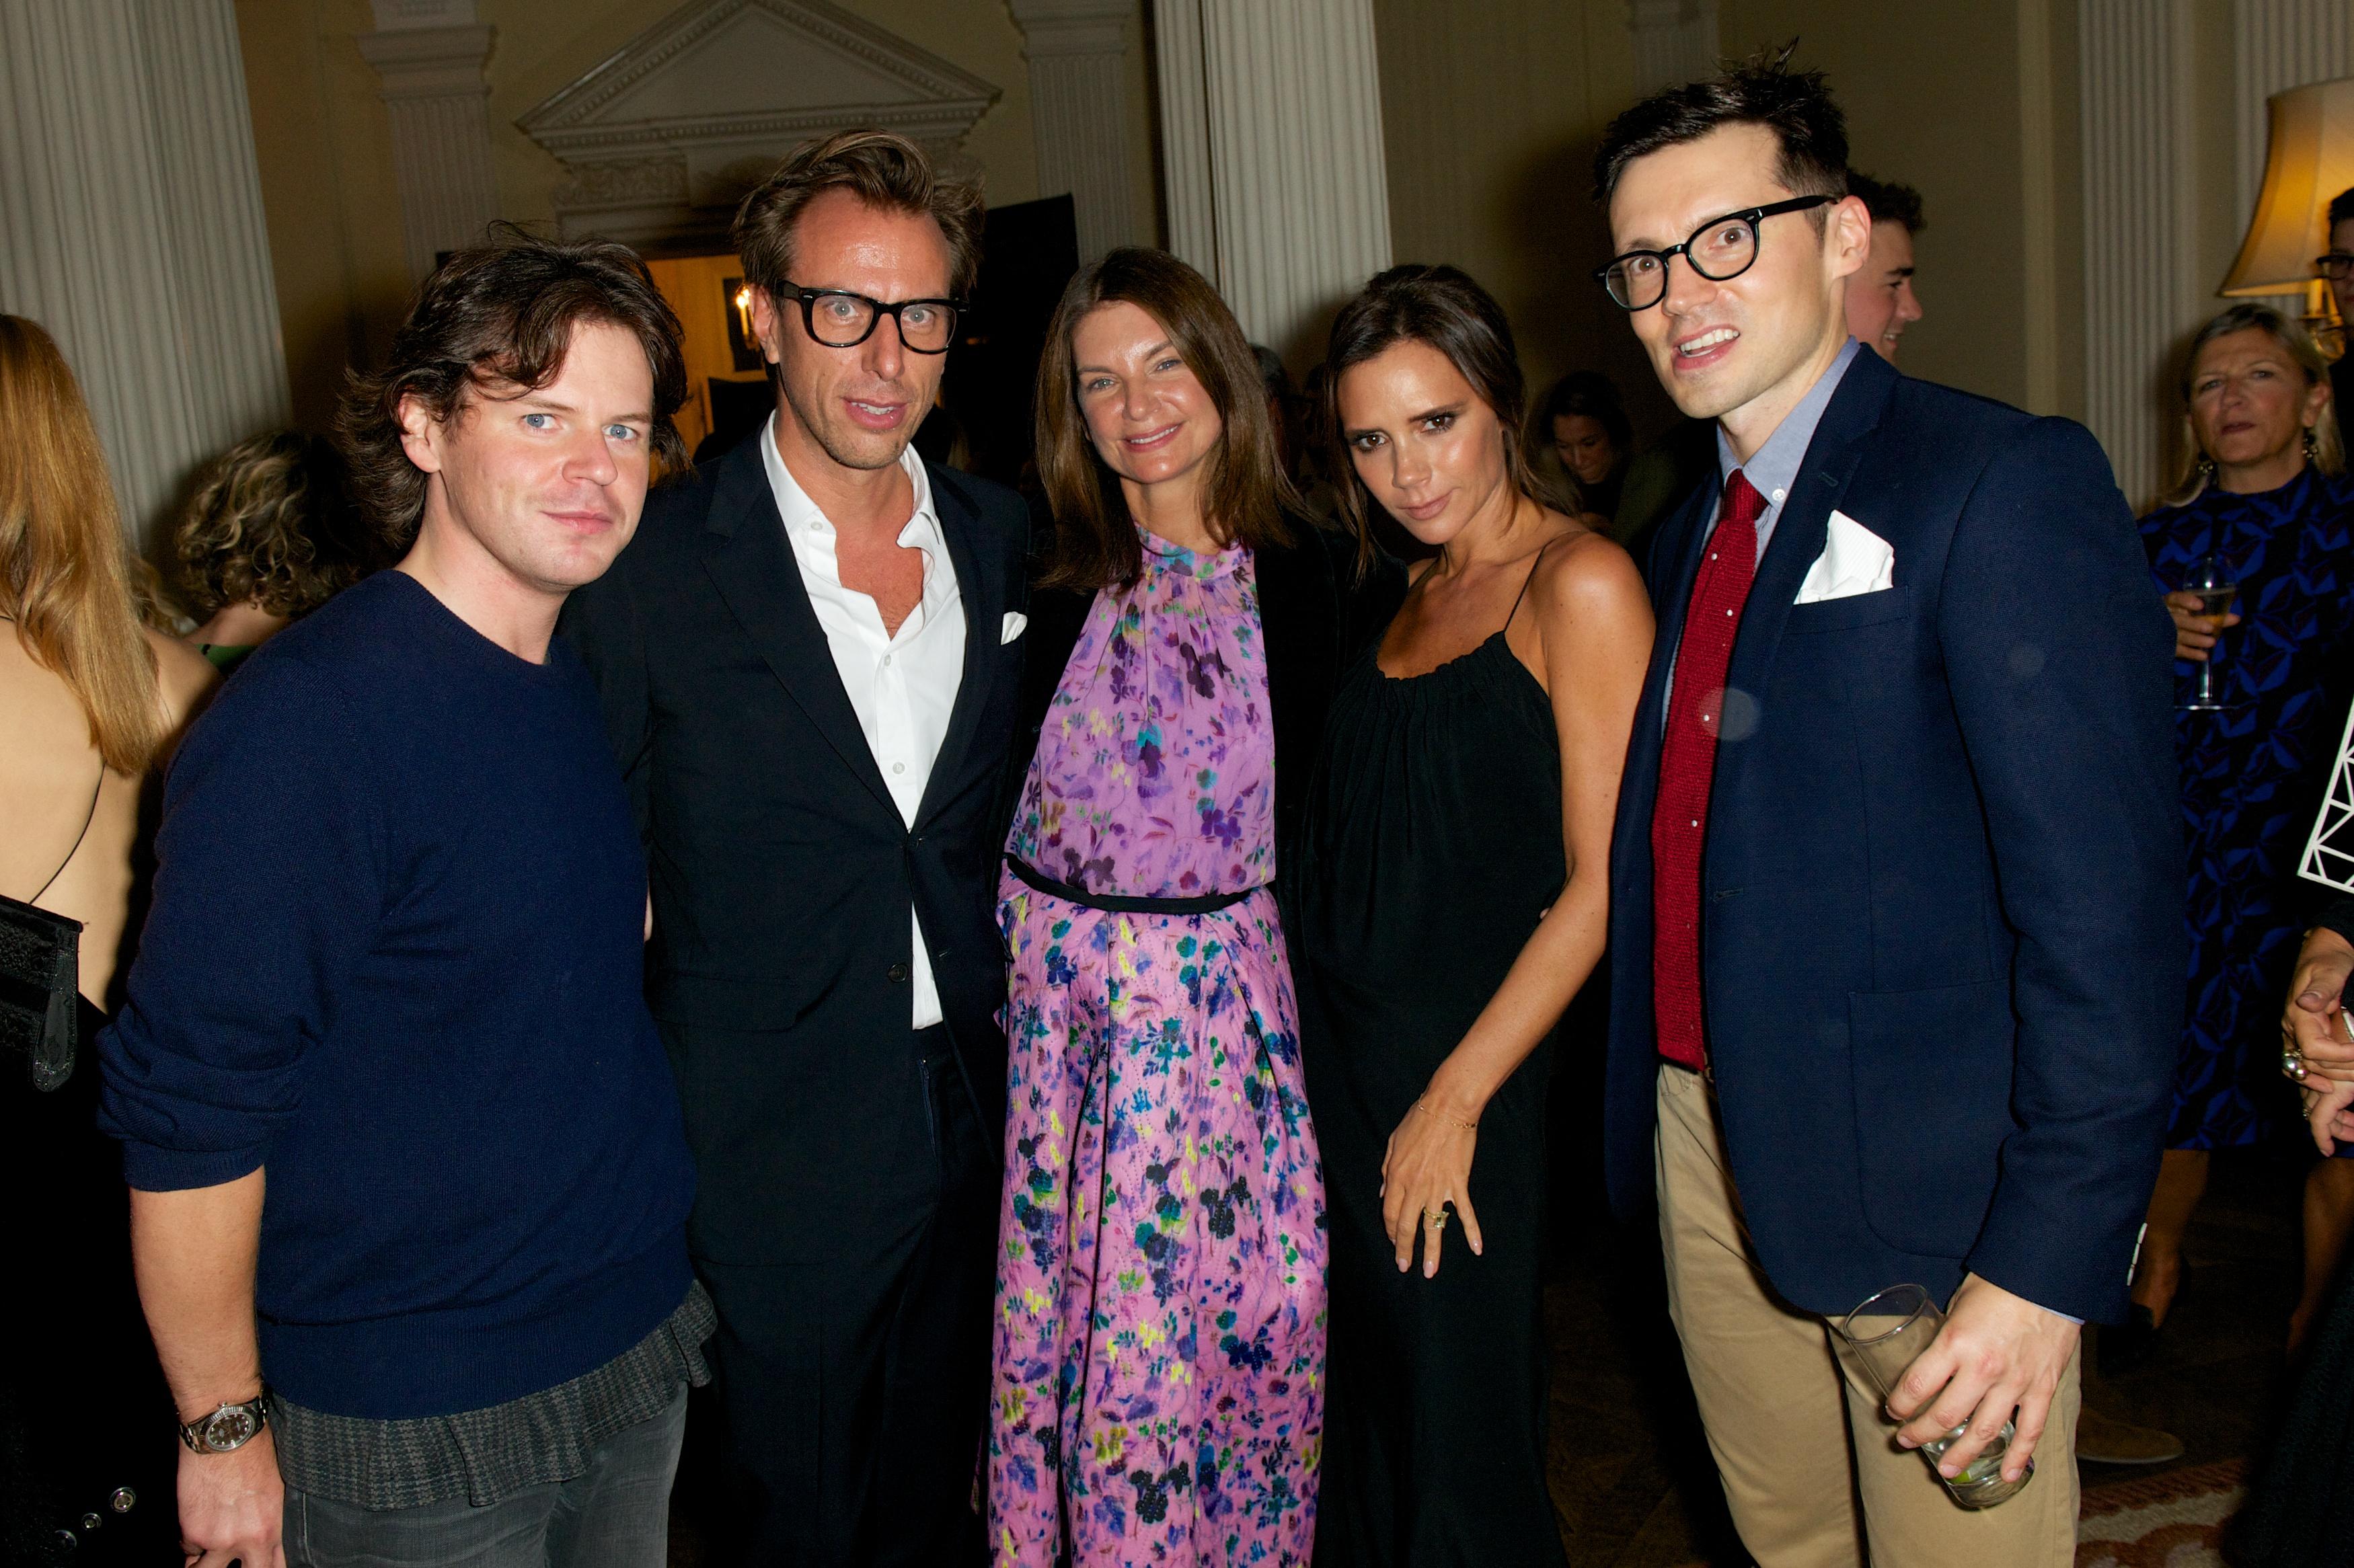 Christopher Kane, Erik Torstensson, Natalie Massenet, Victoria Beckham Erdem Moralioglu Vogue London Fashion Week Party 2015 Winfield House